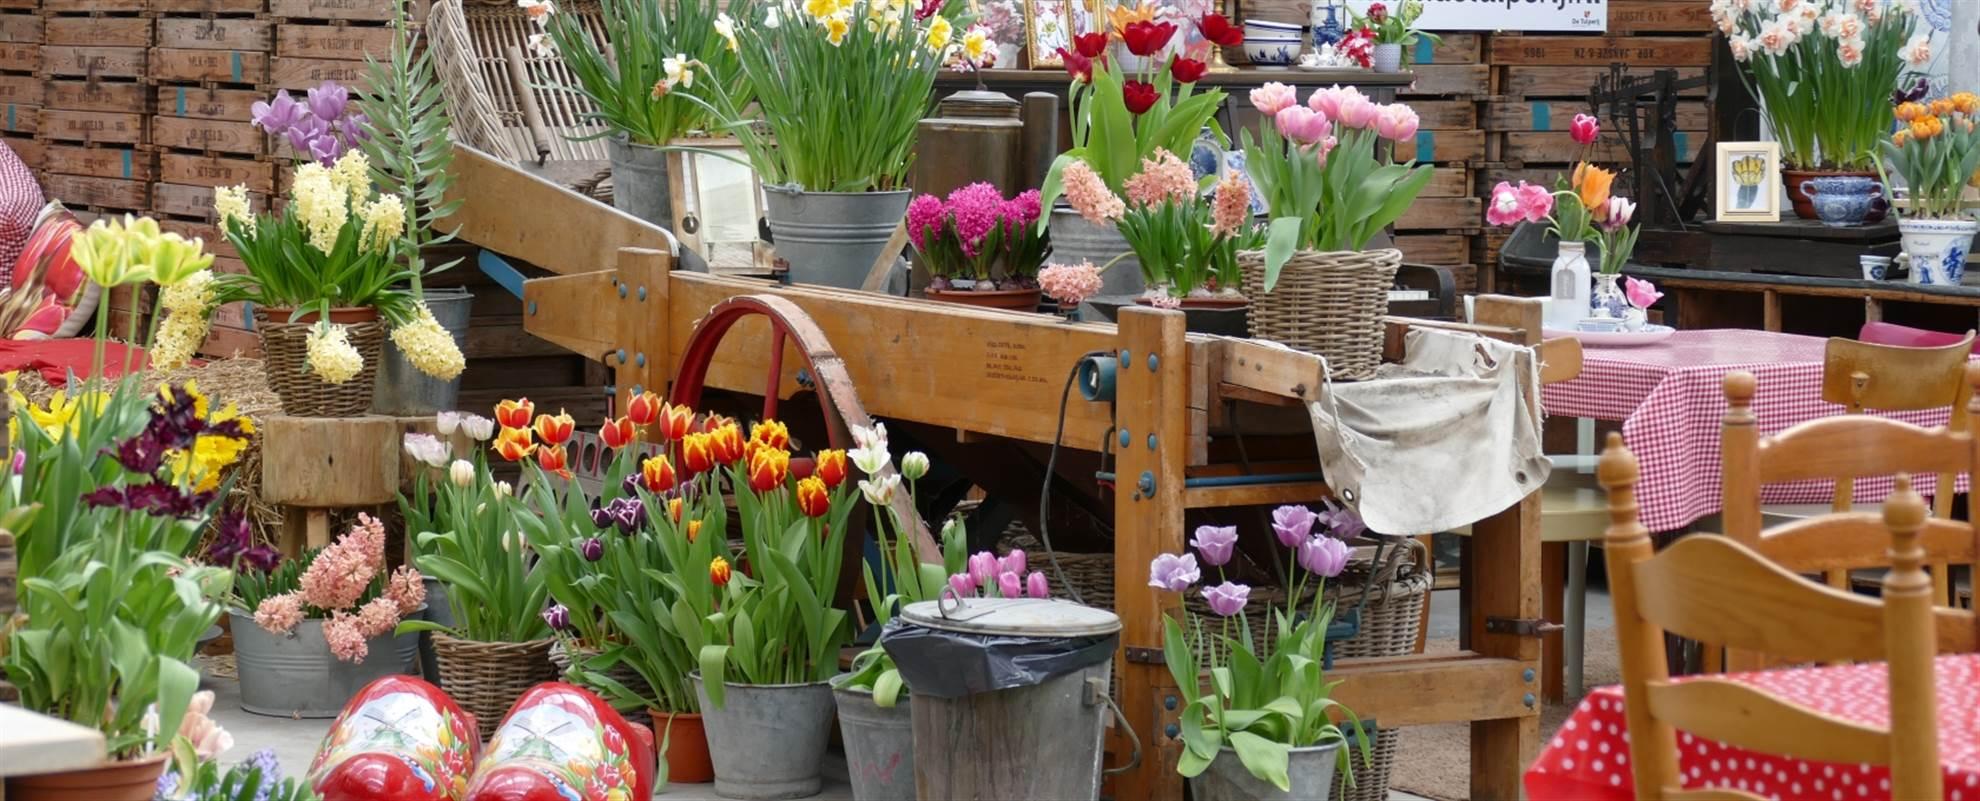 Keukenhof Garten und Blumengärten +Besuch einer Plantage für Tulpenzwiebeln